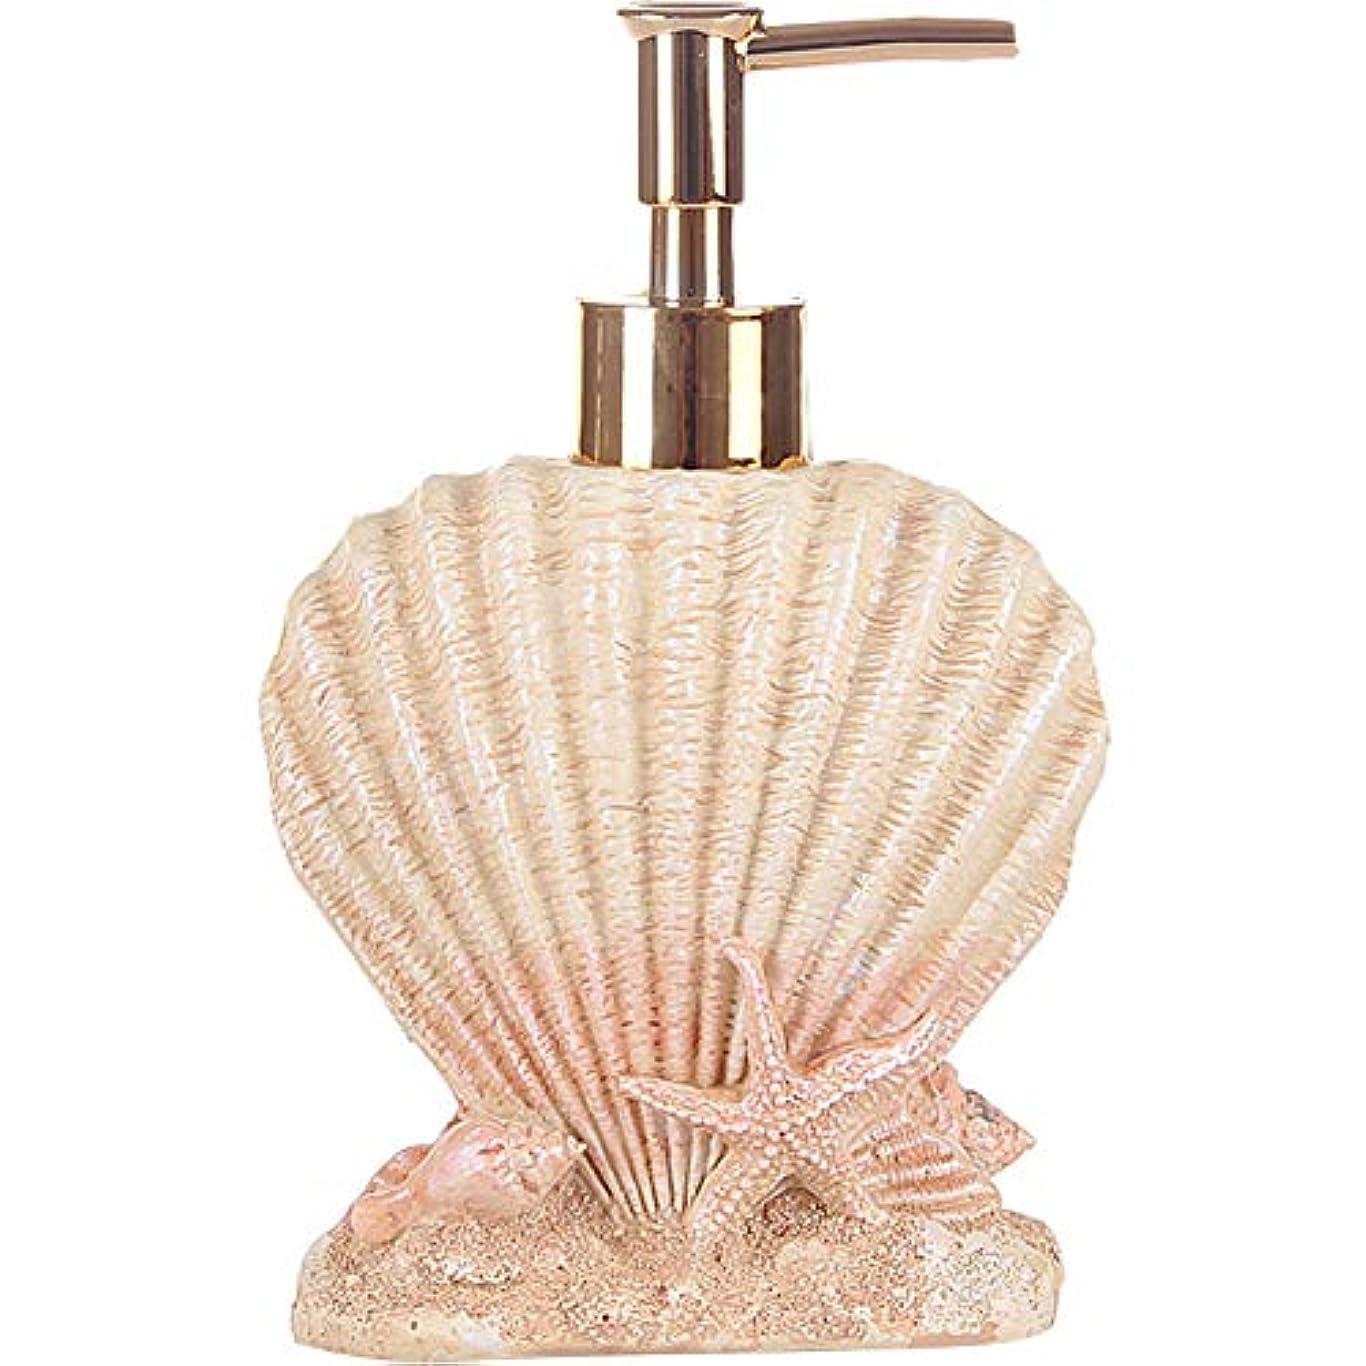 カレッジ購入報酬の(Shell) - Creative Beach Shells European Style Hand Soap Liquid Bottles Resin Shampoo Dispenser (shell)